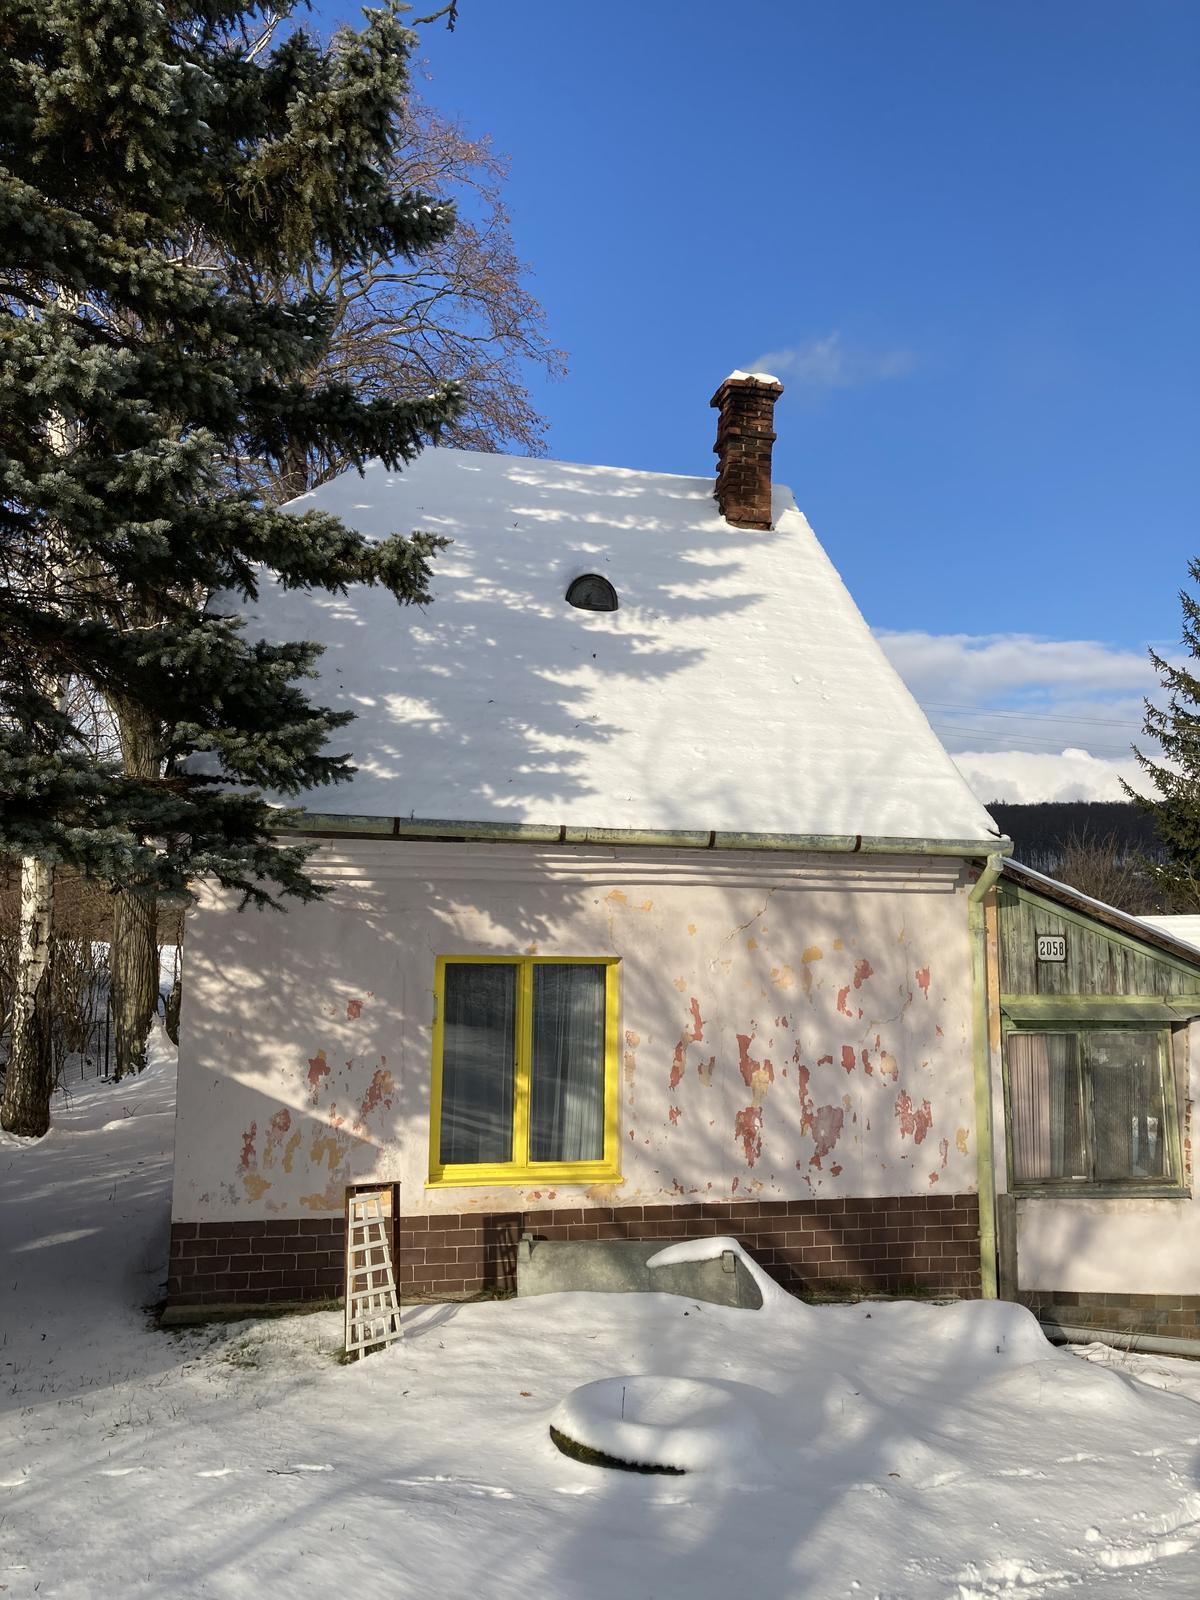 Dom - ....slnko, sneh a dym z komina....